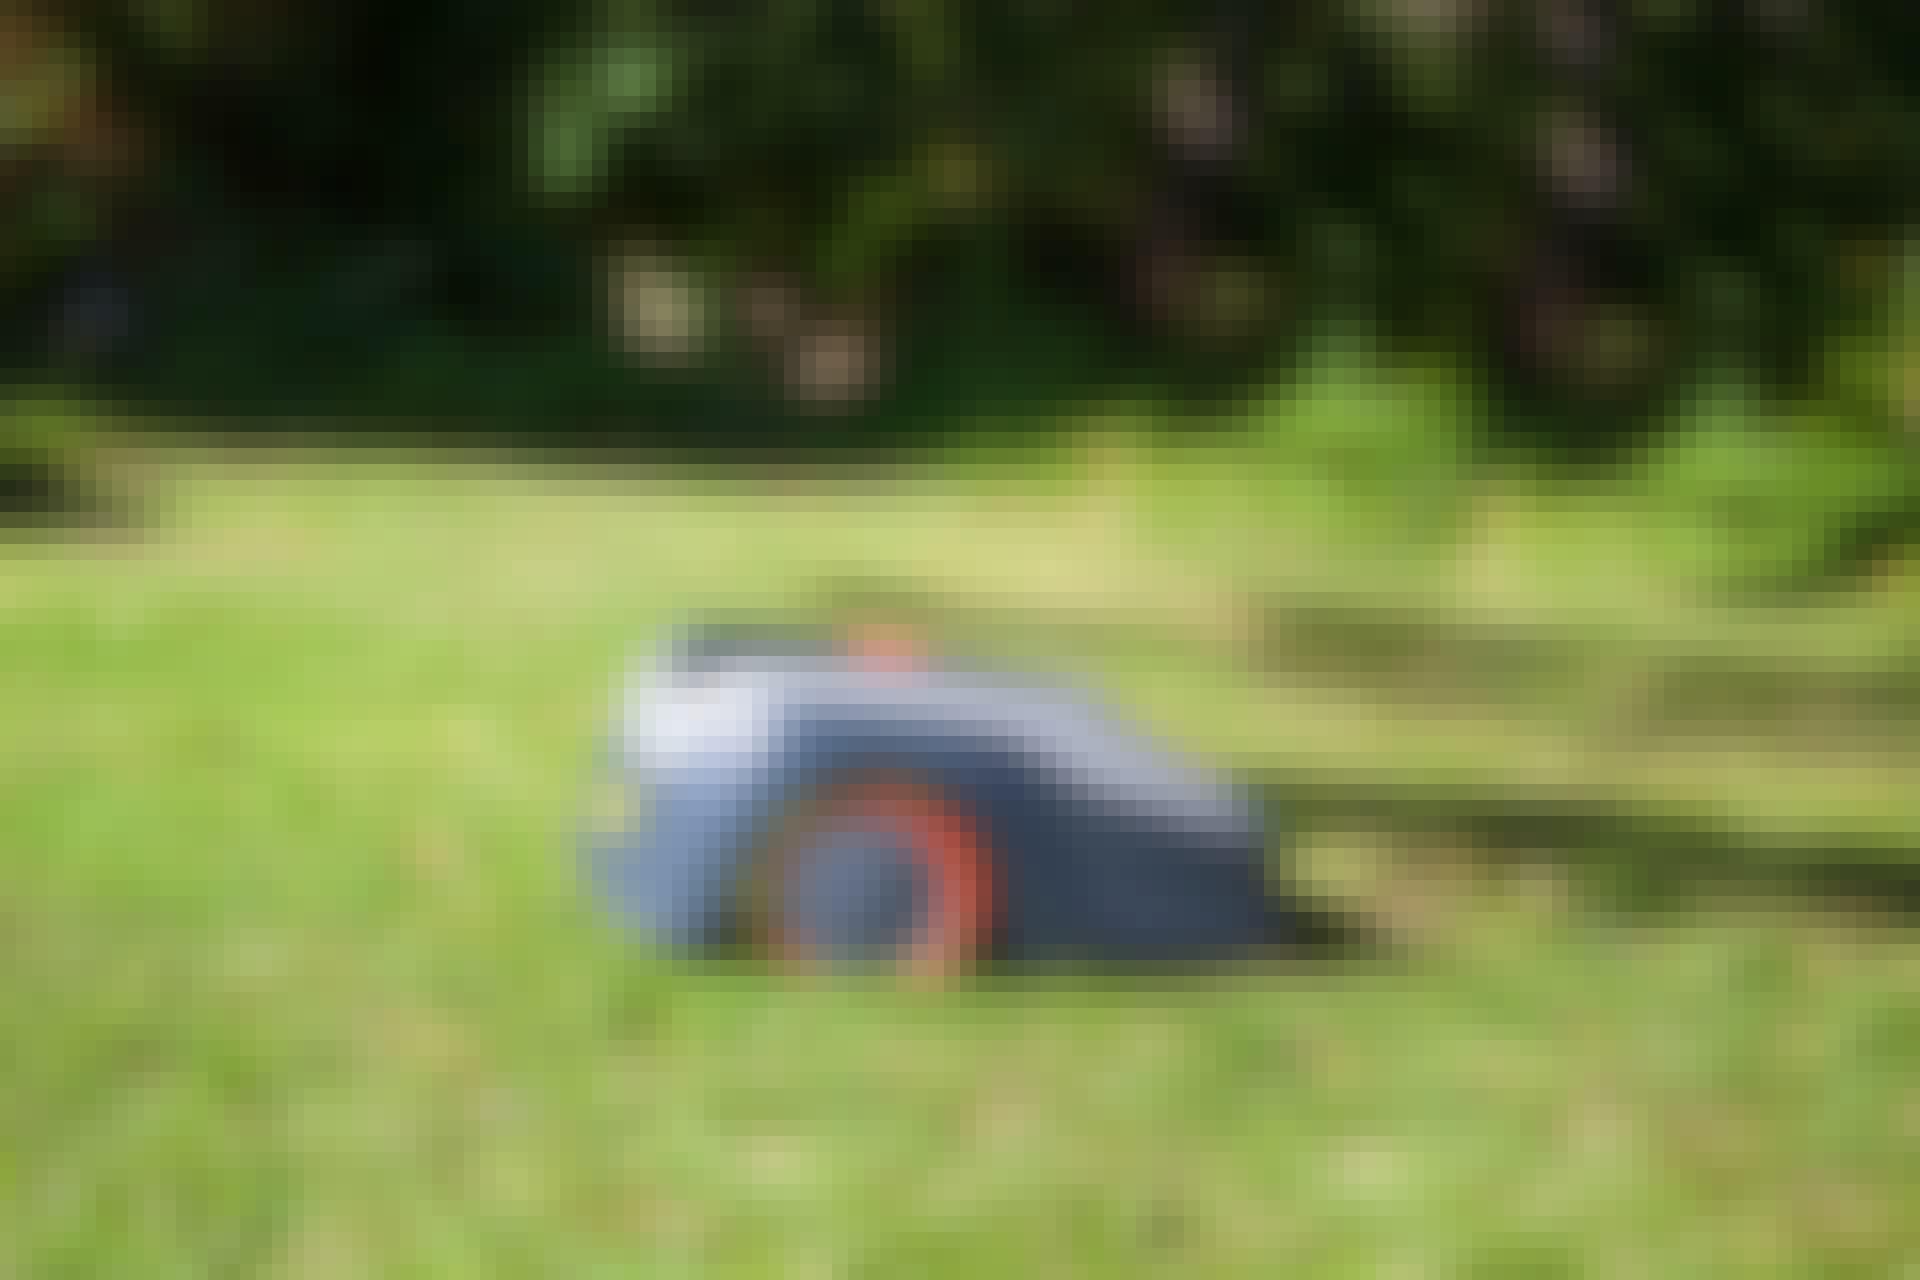 Robotgräsklippare test: Vi har testat fem populära robotgräsklippare som alla klarar upp till 1.200 kvadratmeter gräsmatta.